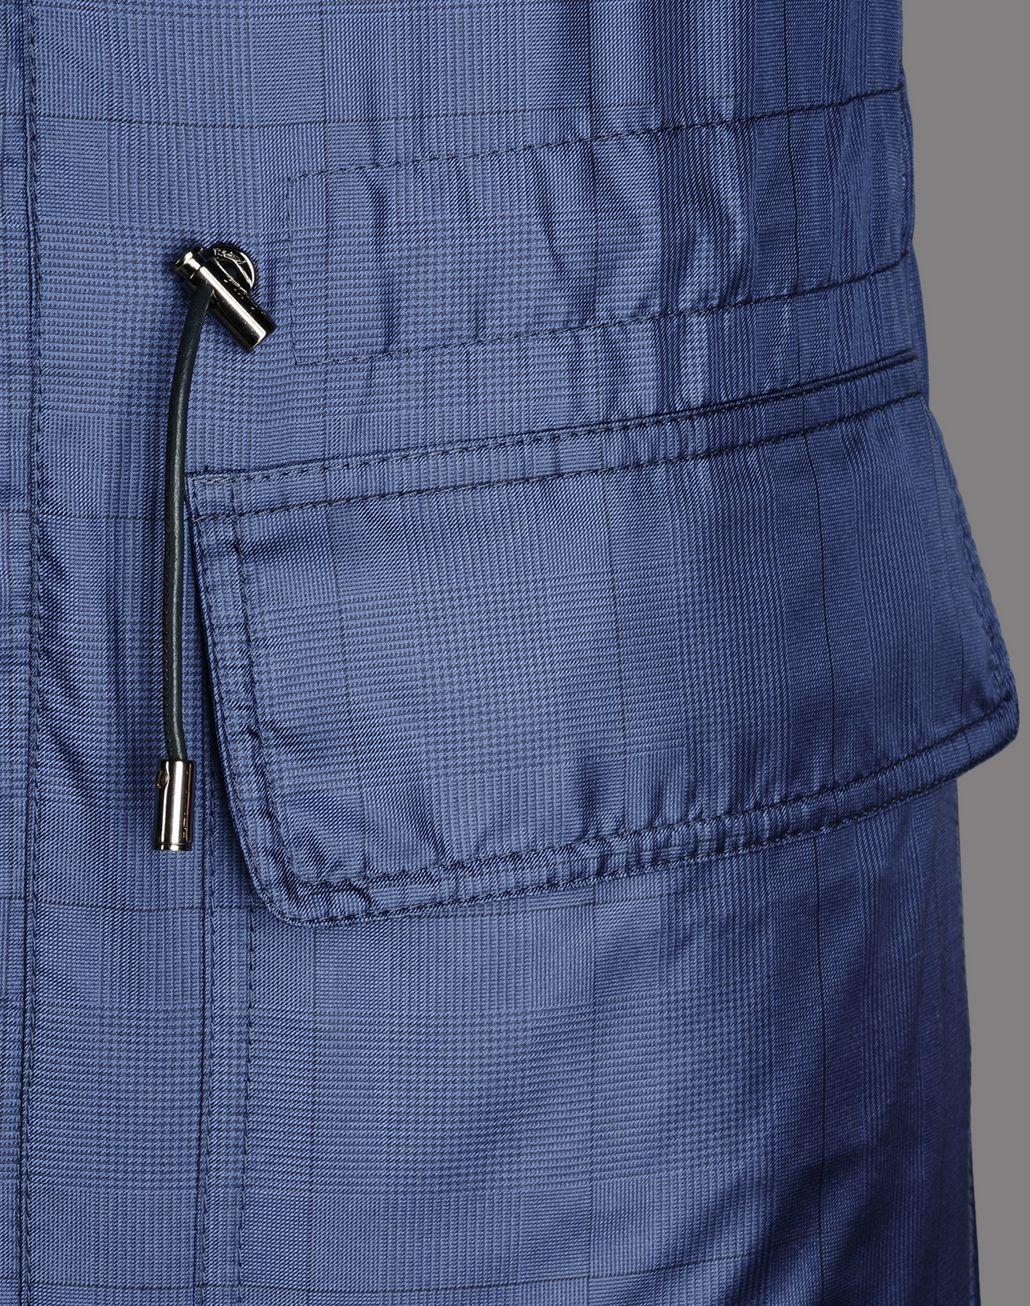 BRIONI REVERSIBLE FIELD JACKET Outerwear U a